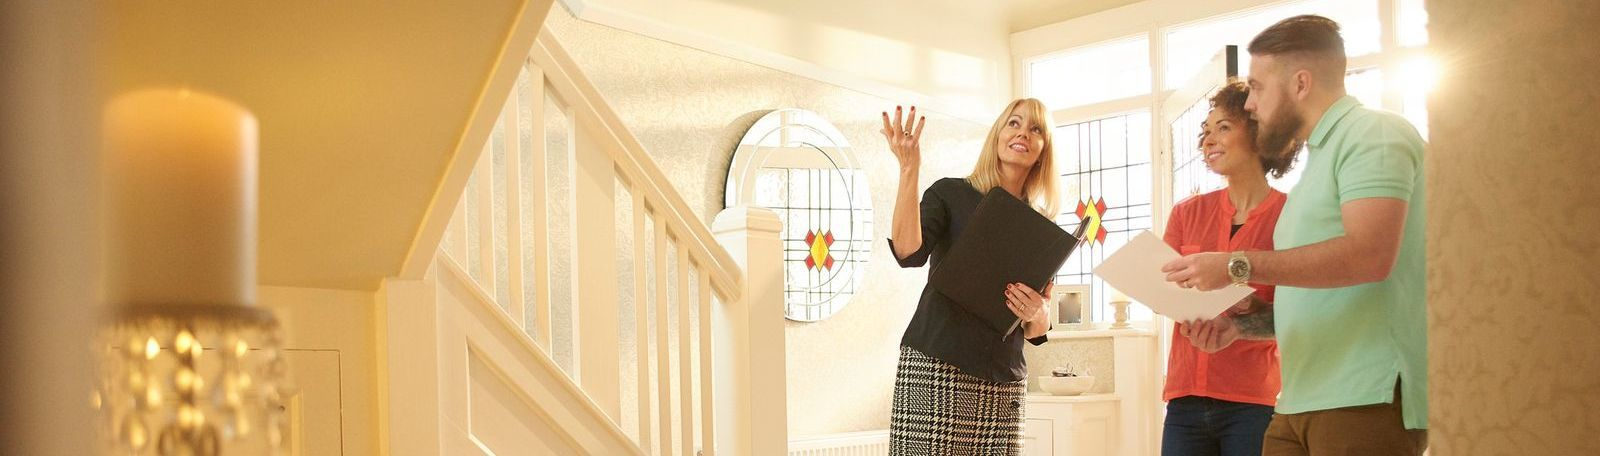 Buy Buyers Guide Banner Grosvenor Billinghurst